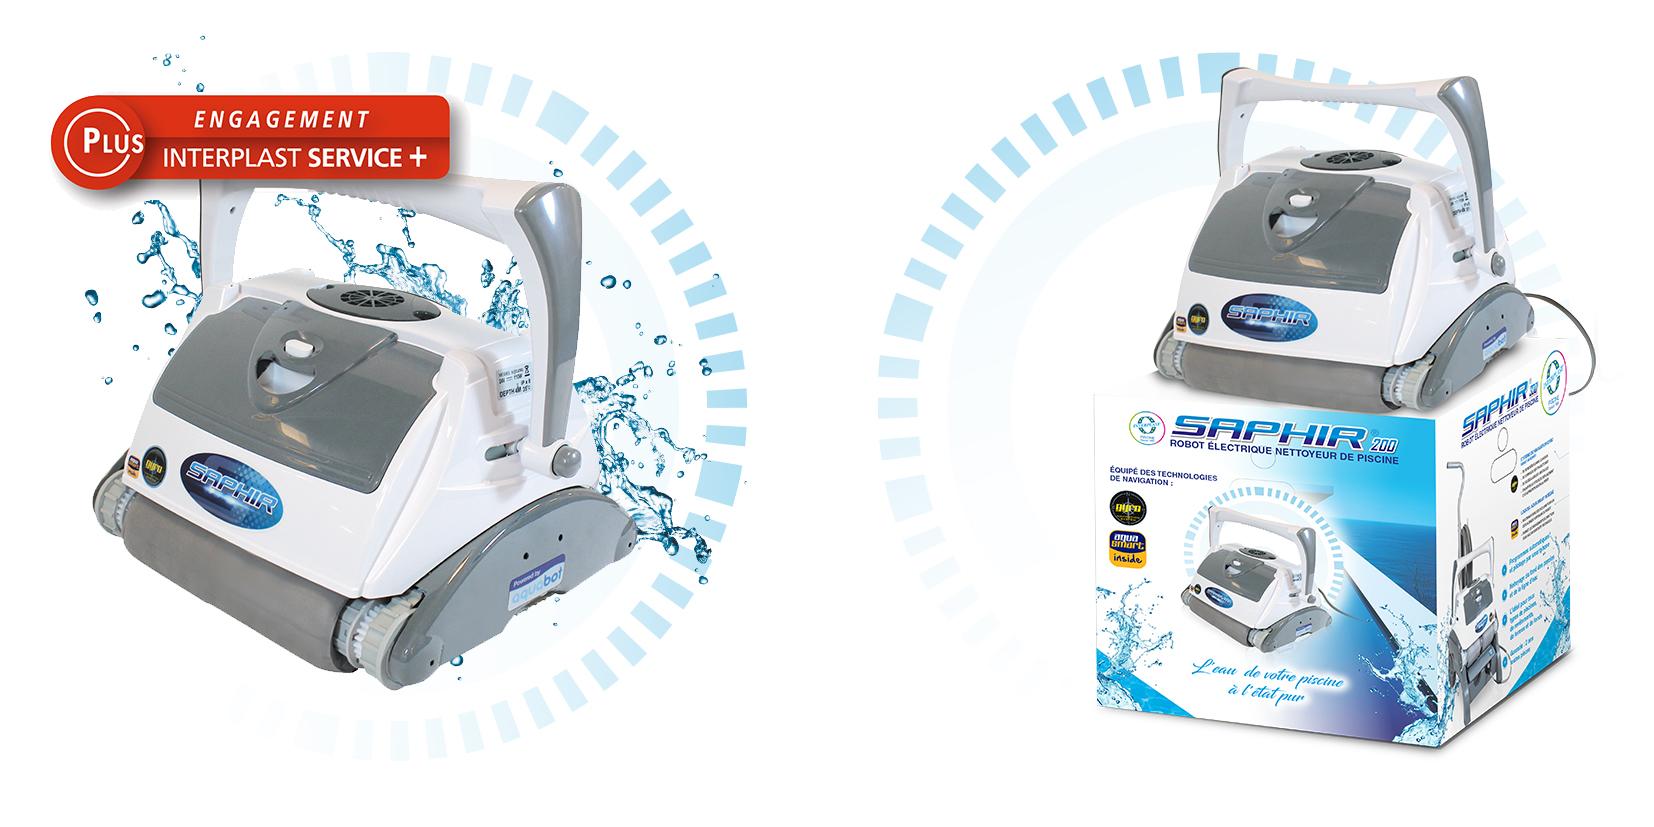 image robots électrique saphir 200